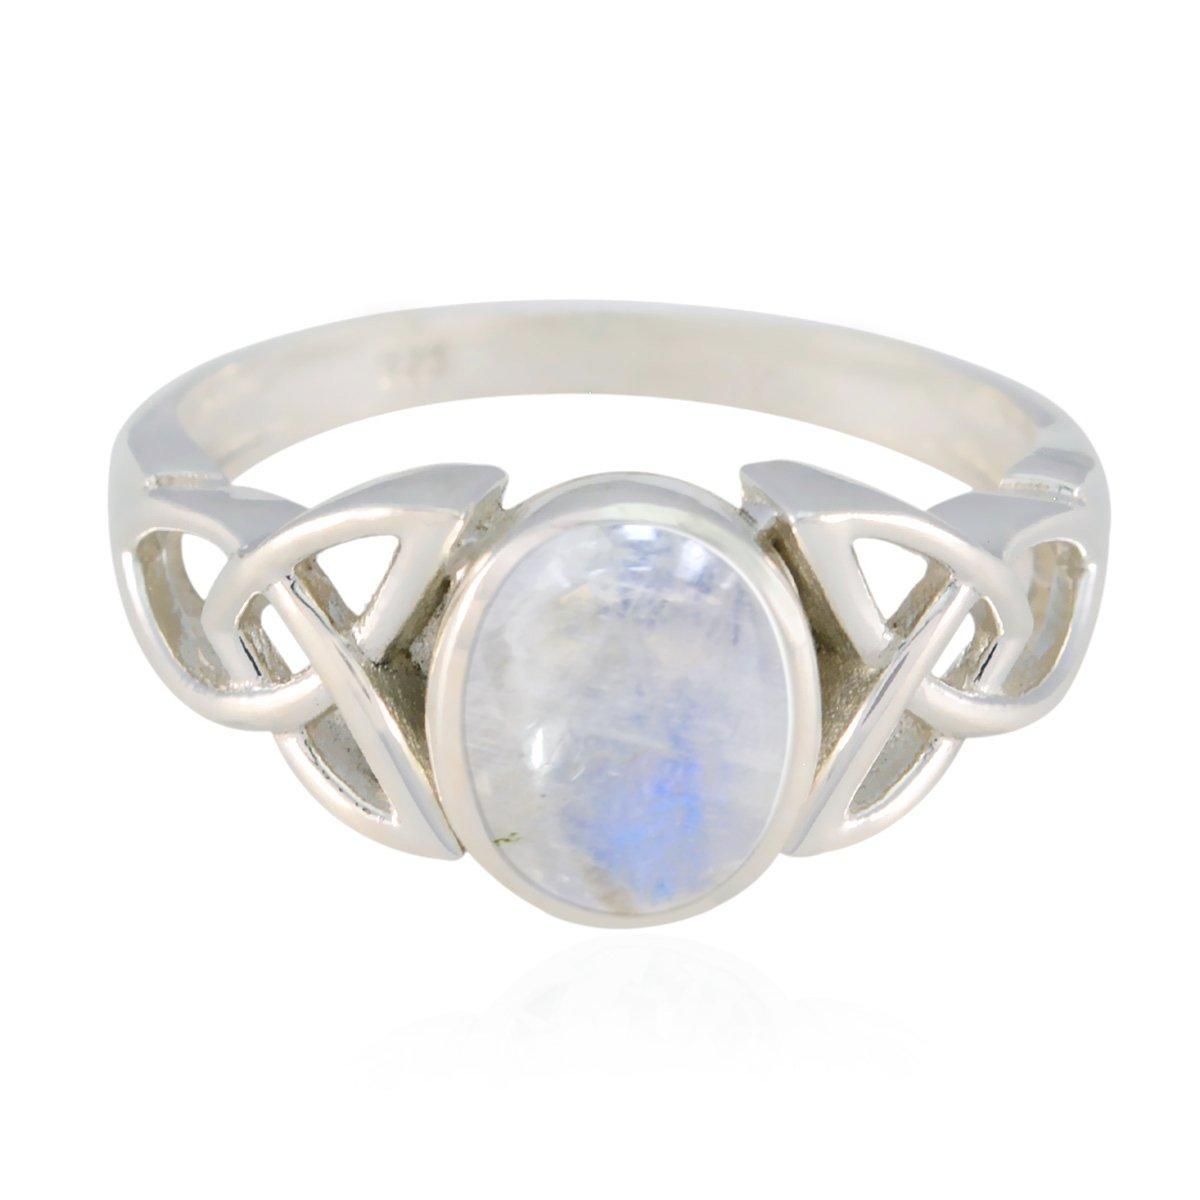 80a86a4e5175 piedras preciosas de plata maciza arco iris de luna anillo de gemas ...